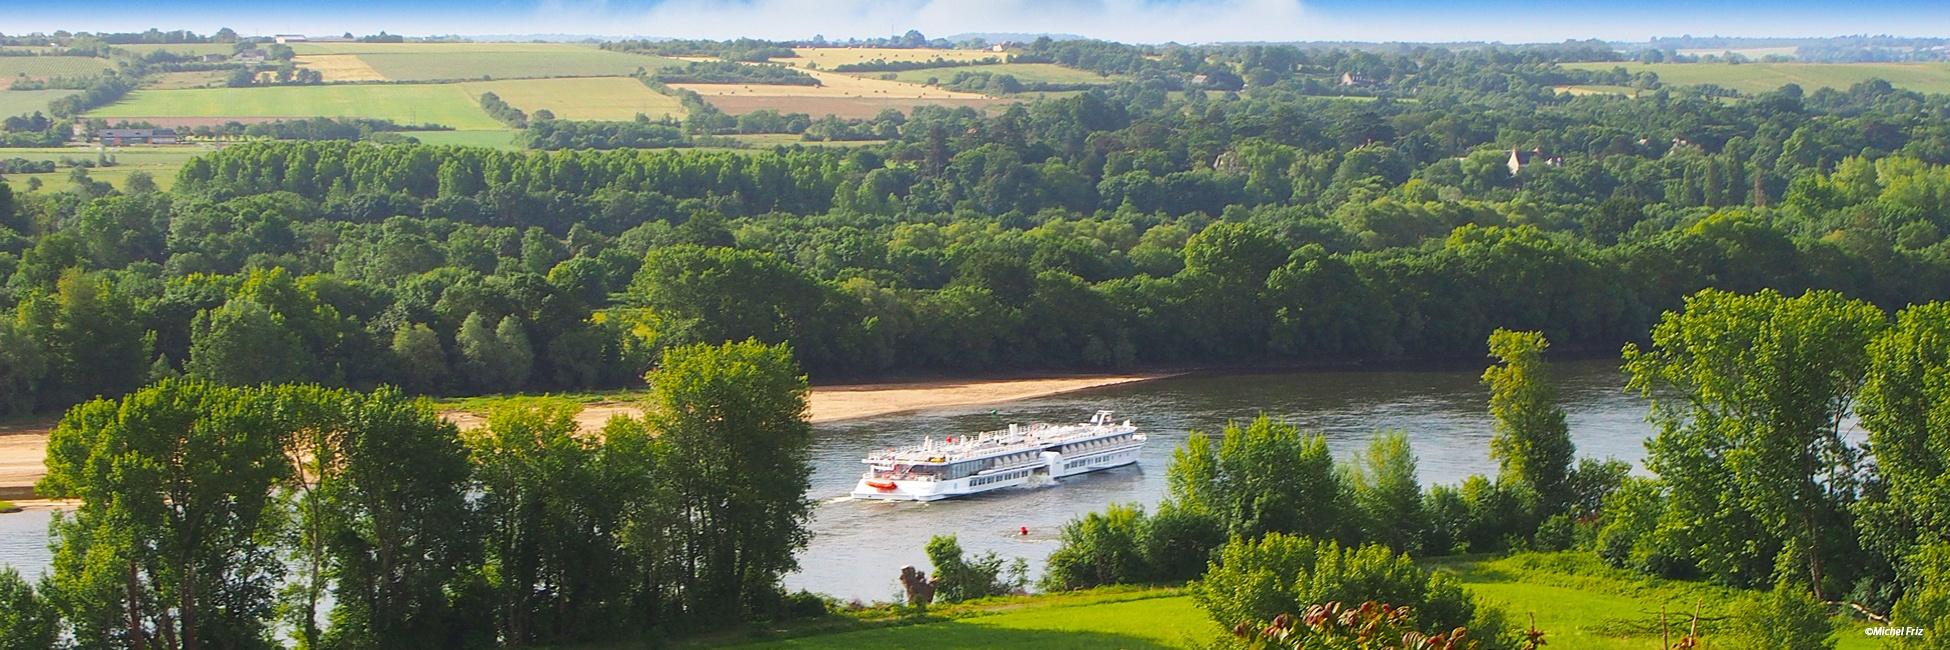 MS Loire Princesse en navigation sur la Loire